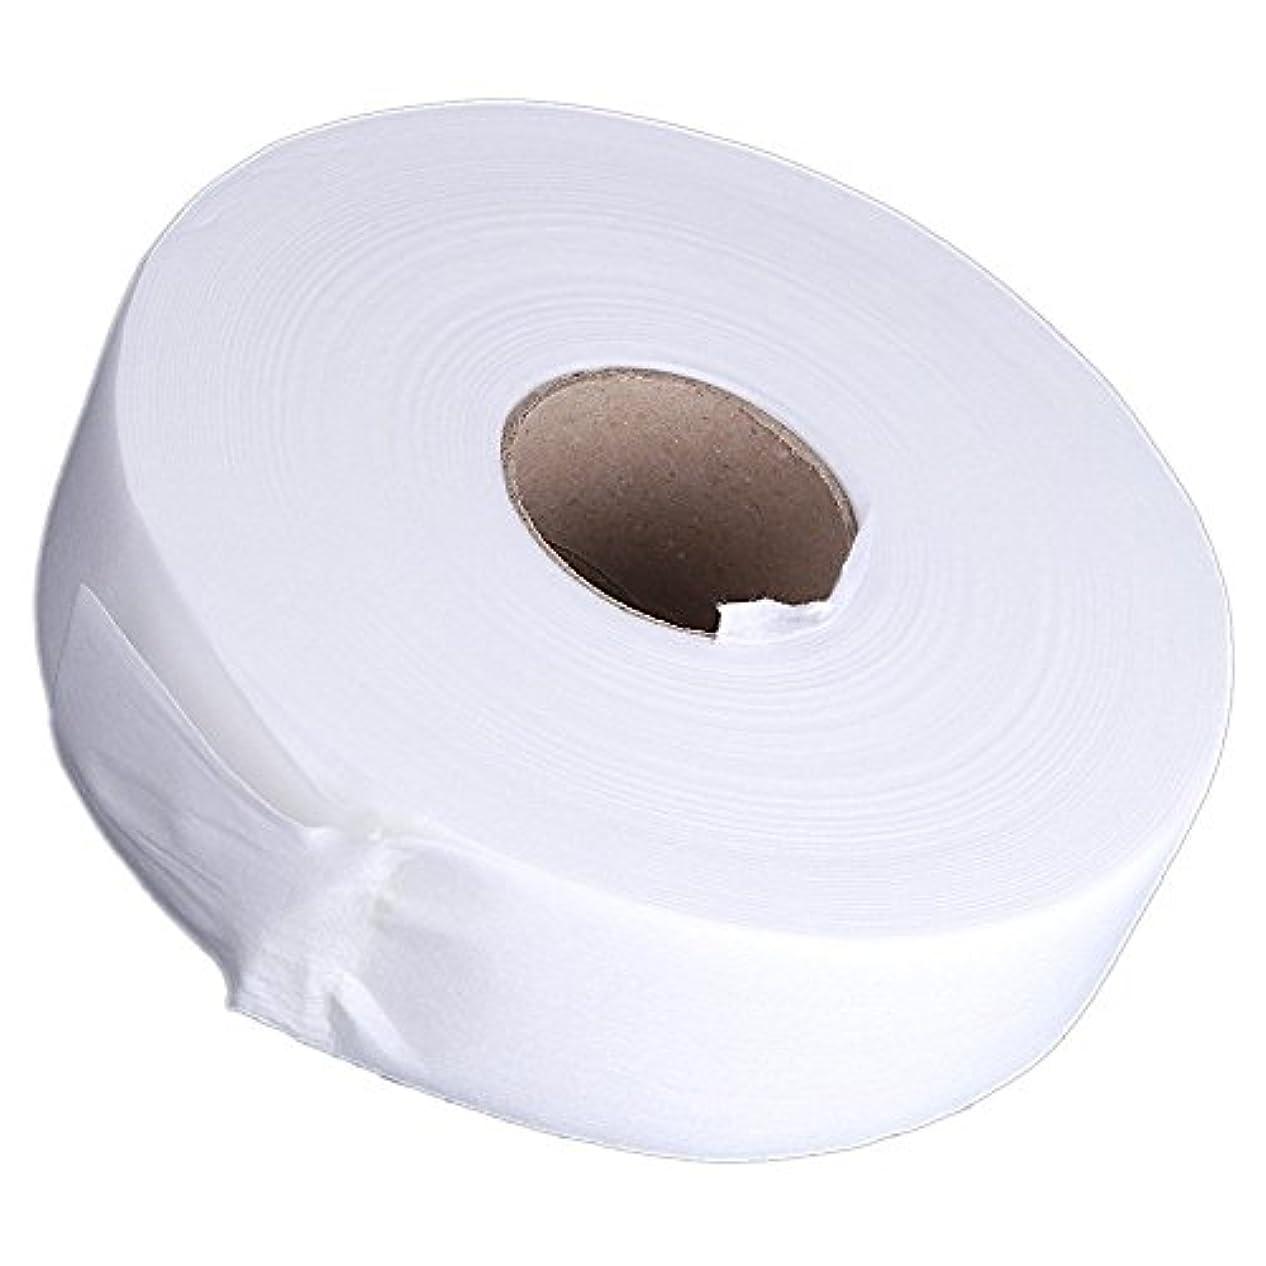 アダルト科学者標高Cikuso 100ヤードの脱毛紙脱毛ワックスストリップ 不織布ペーパーワックスロール(白)